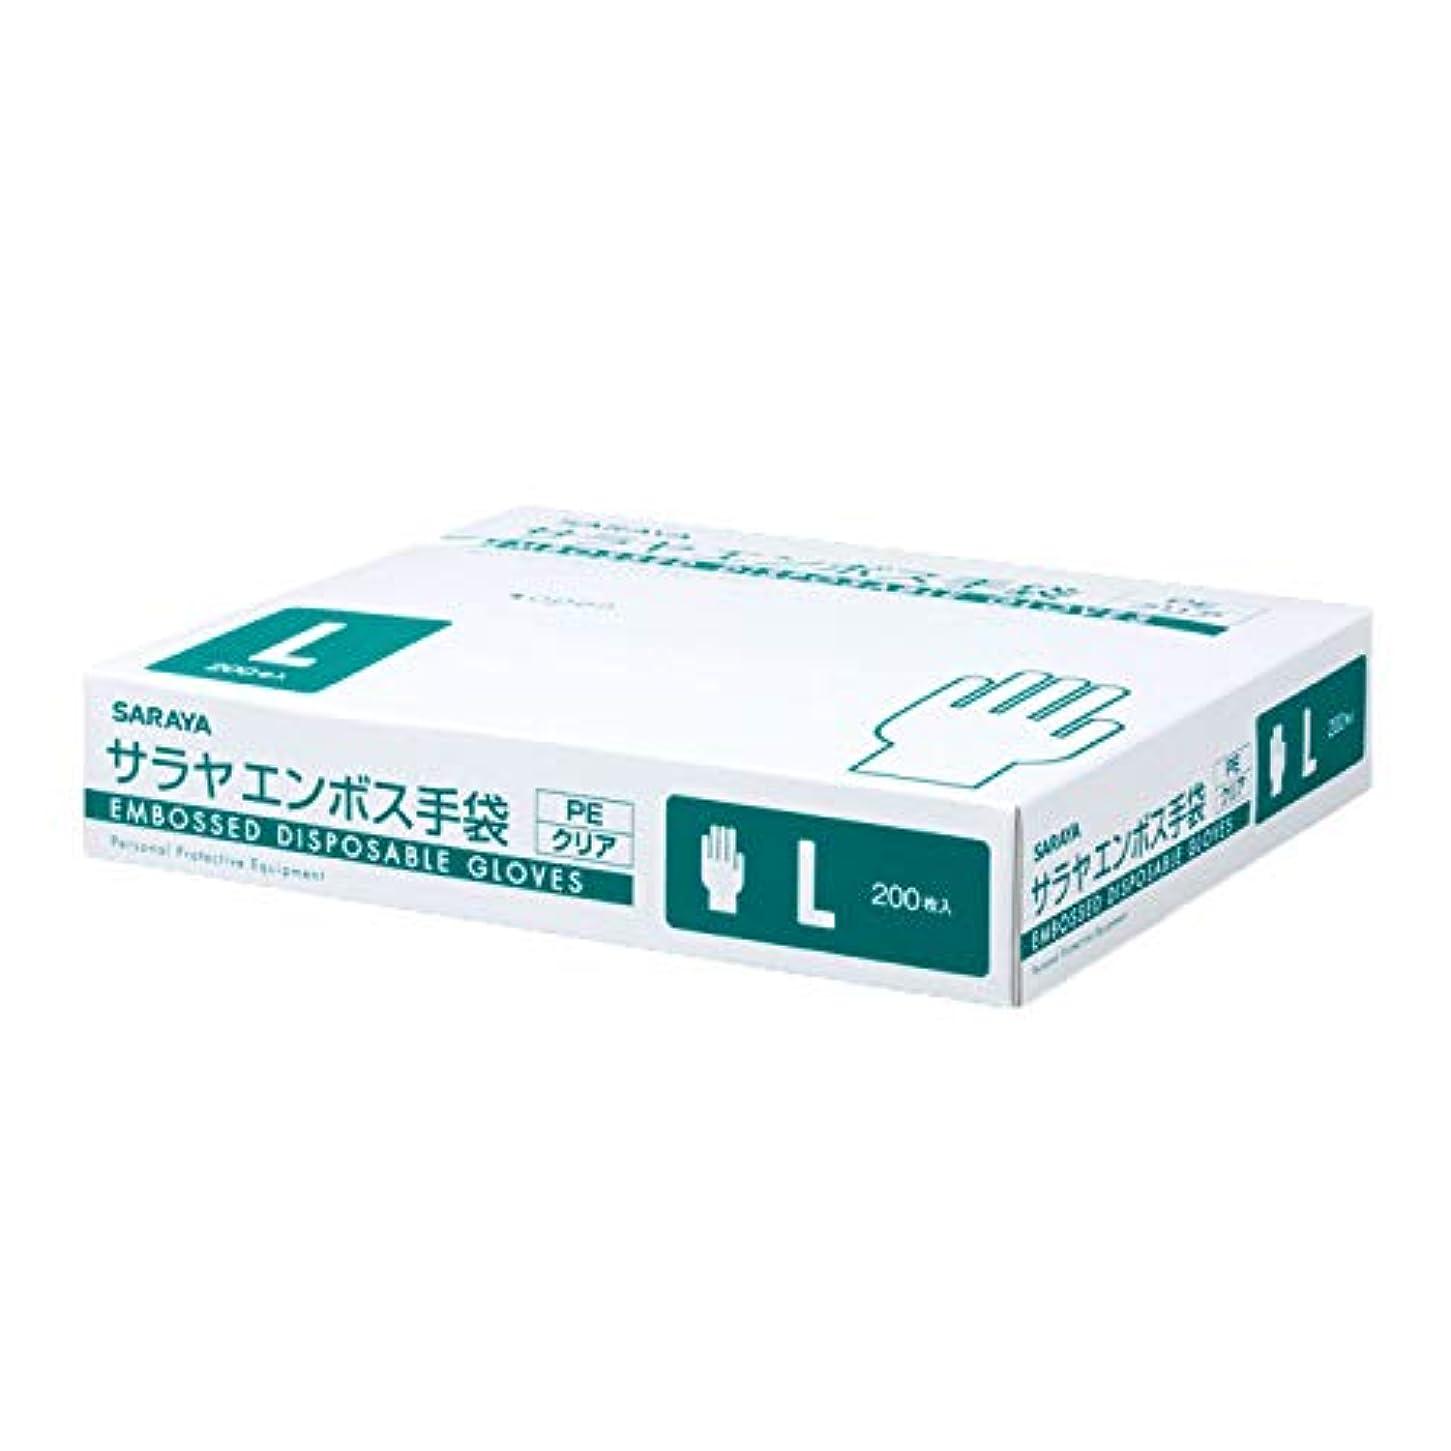 海外ソフィー集団的サラヤ エンボス手袋PE クリア L 200枚×20箱 51185